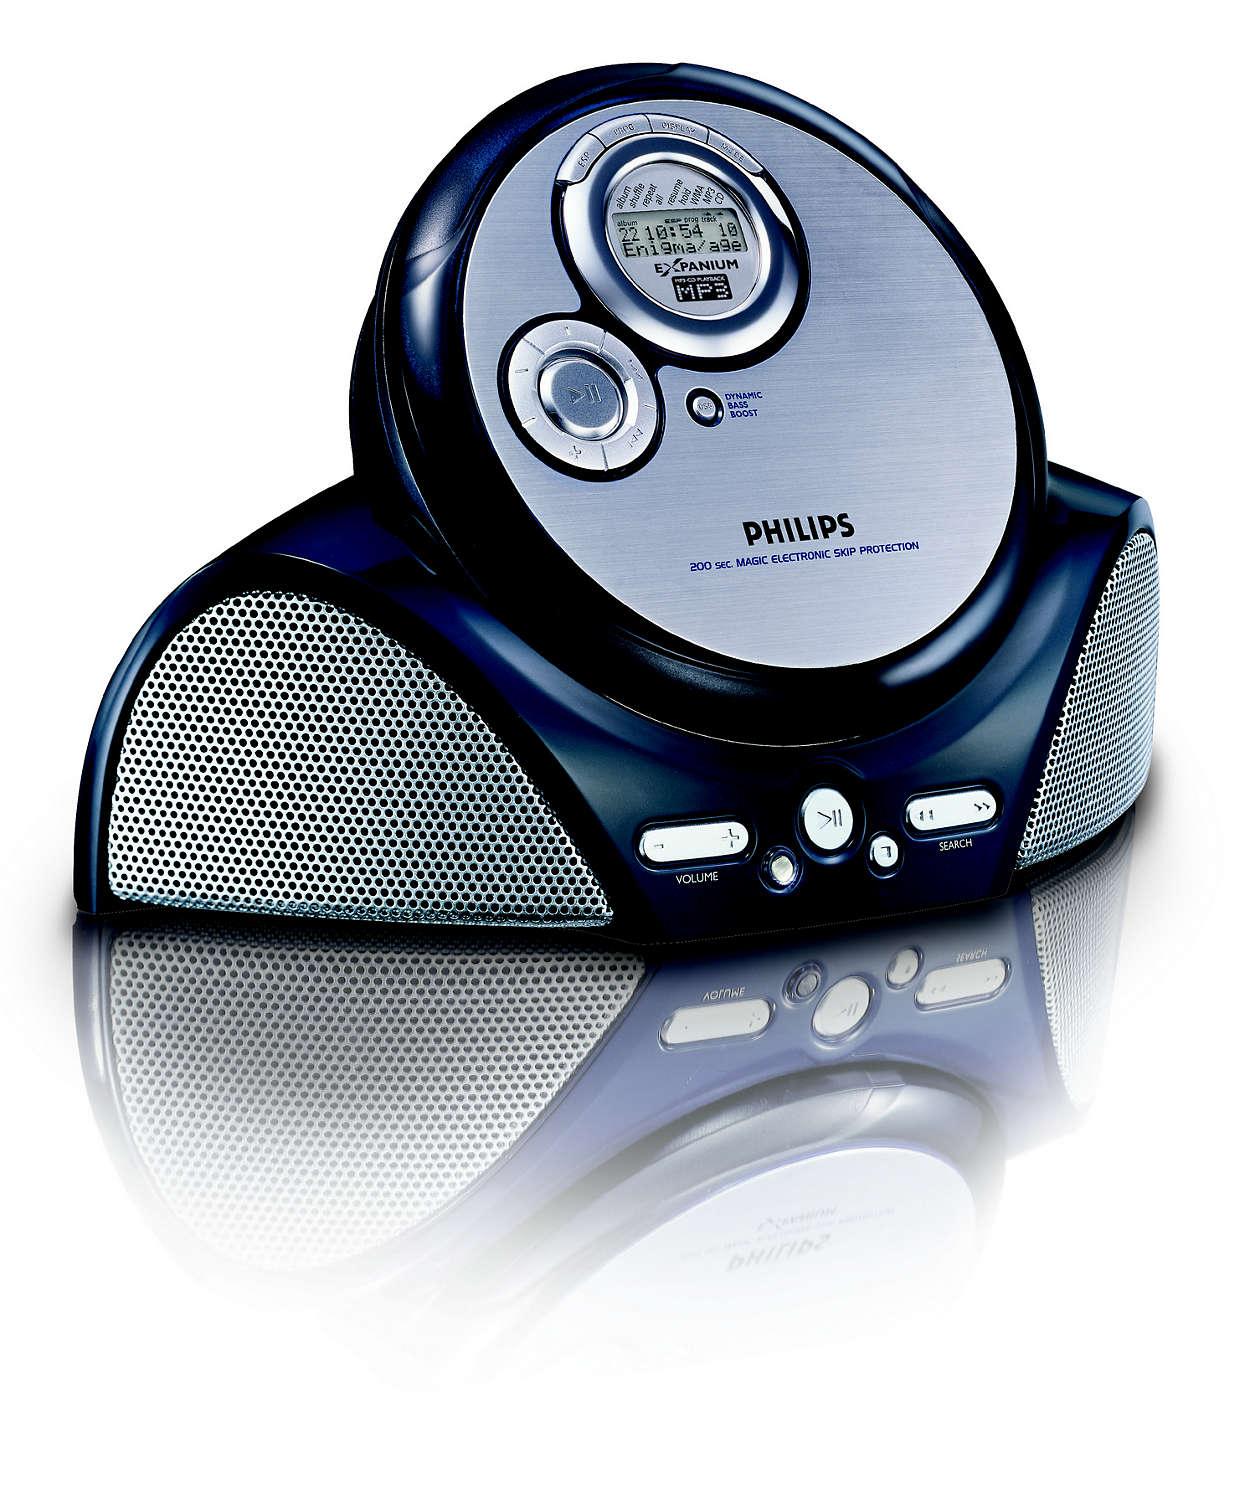 Disfruta de la música MP3 a tu manera